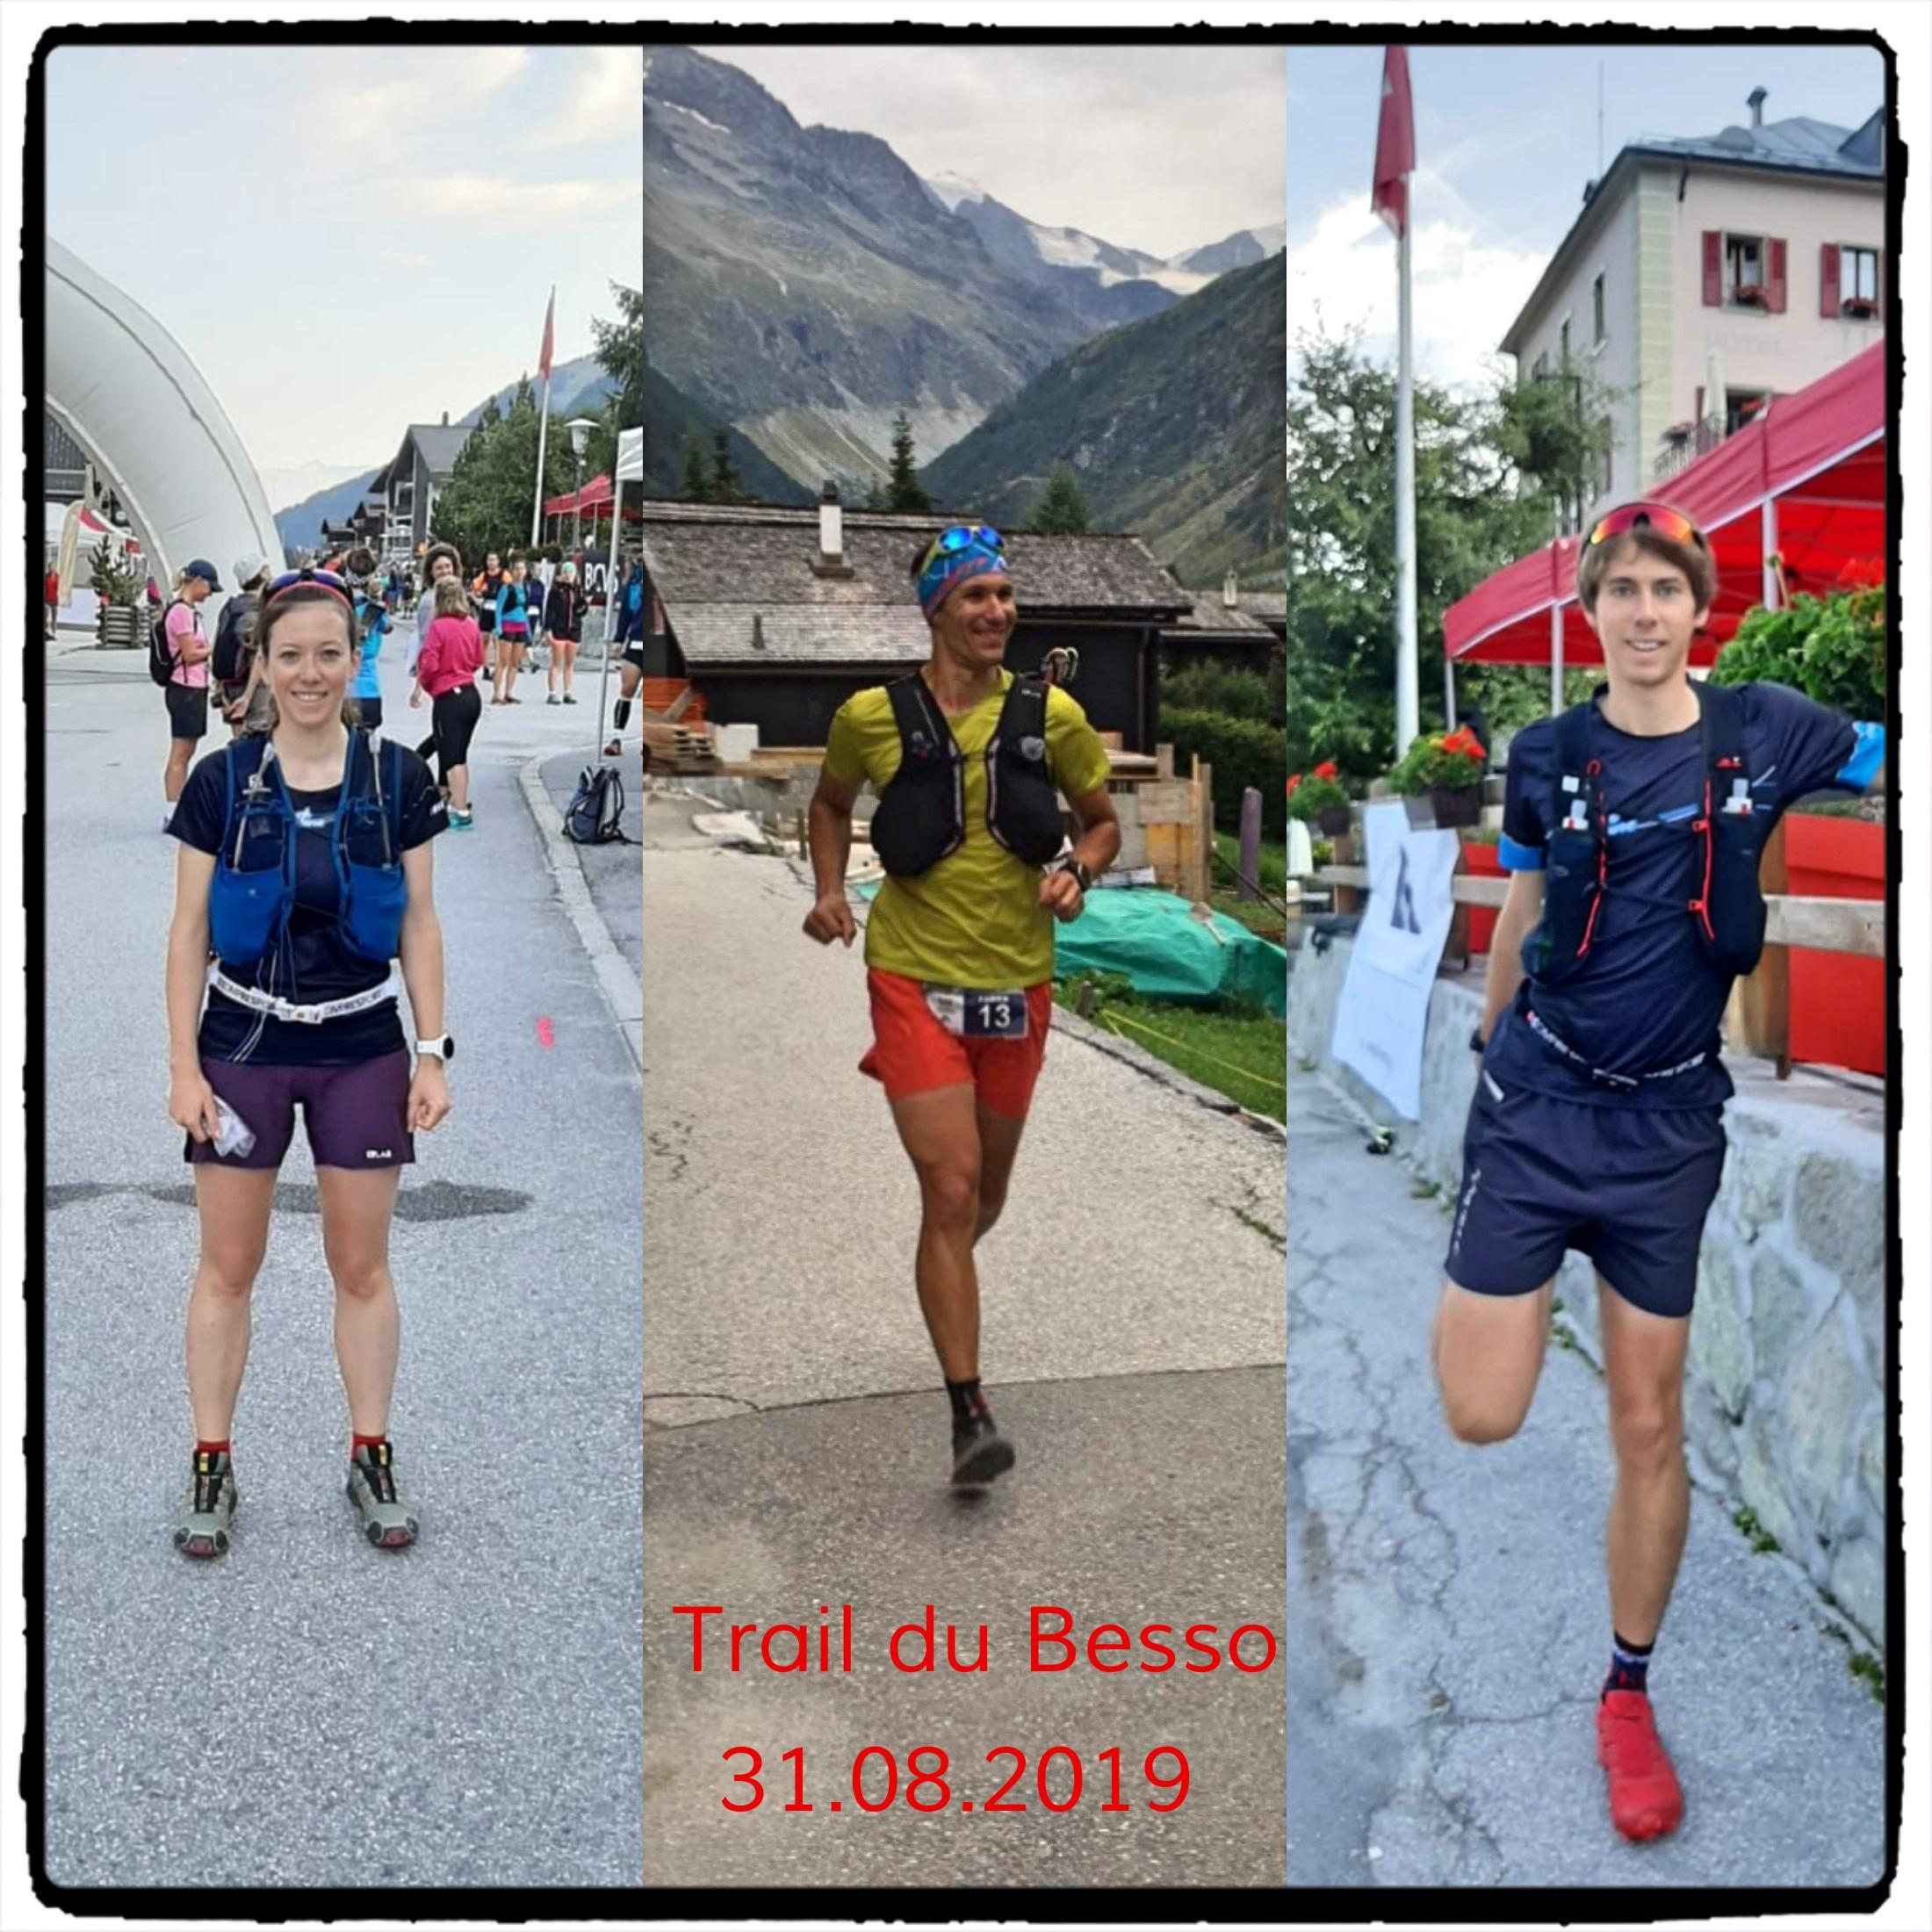 Trail du Besso